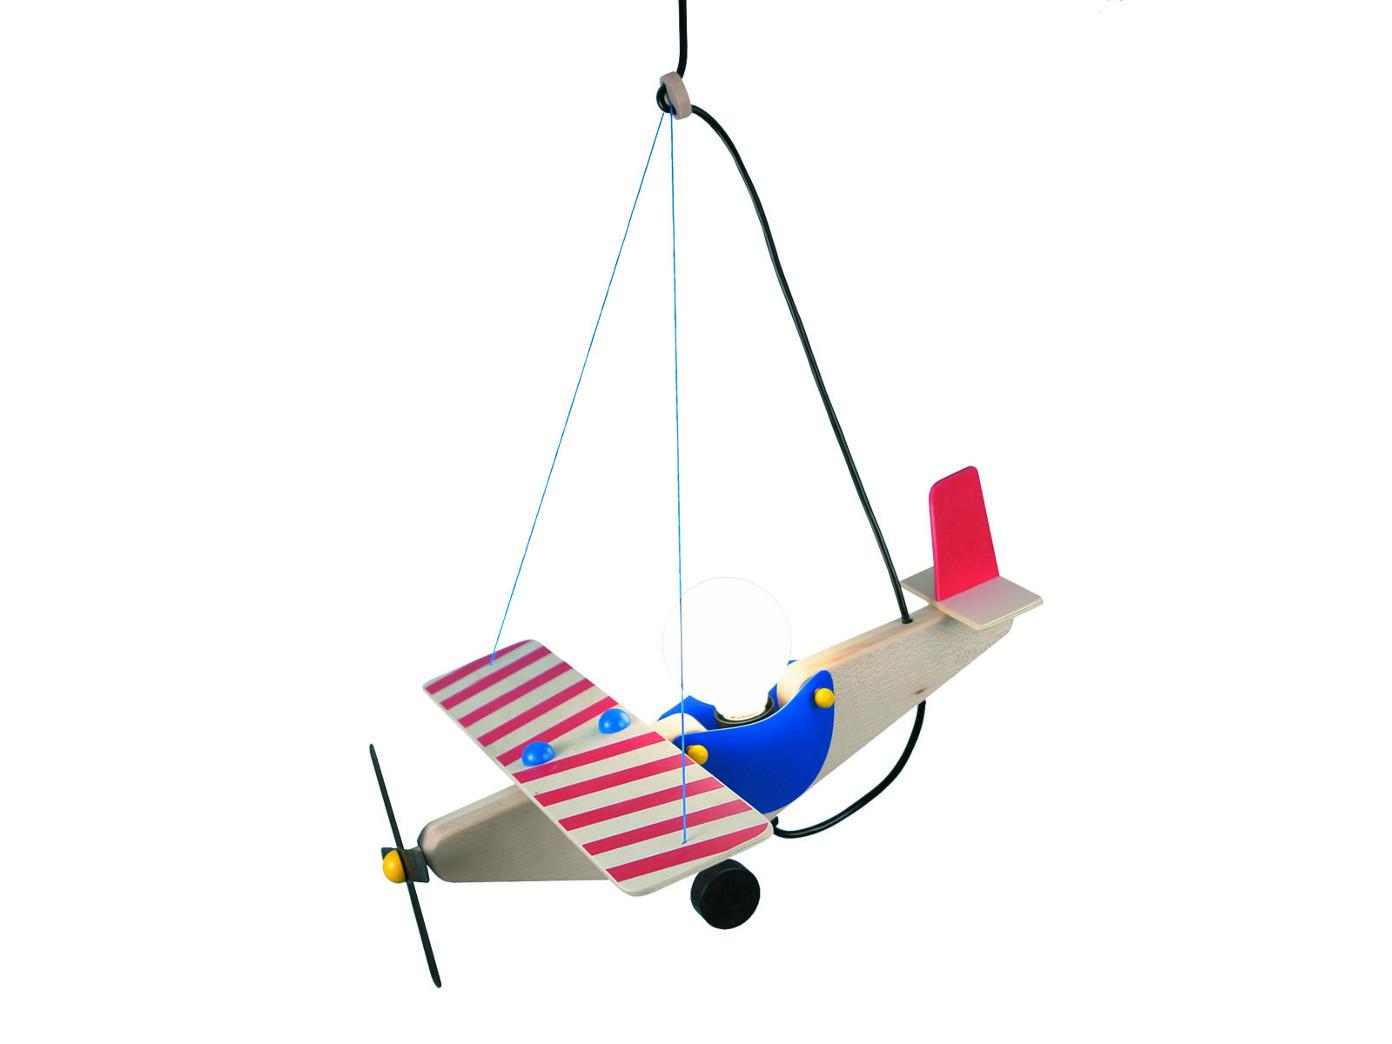 Kinderzimmerlampe Pendelleuchte Holz, Design Flugzeug, Lampe ...